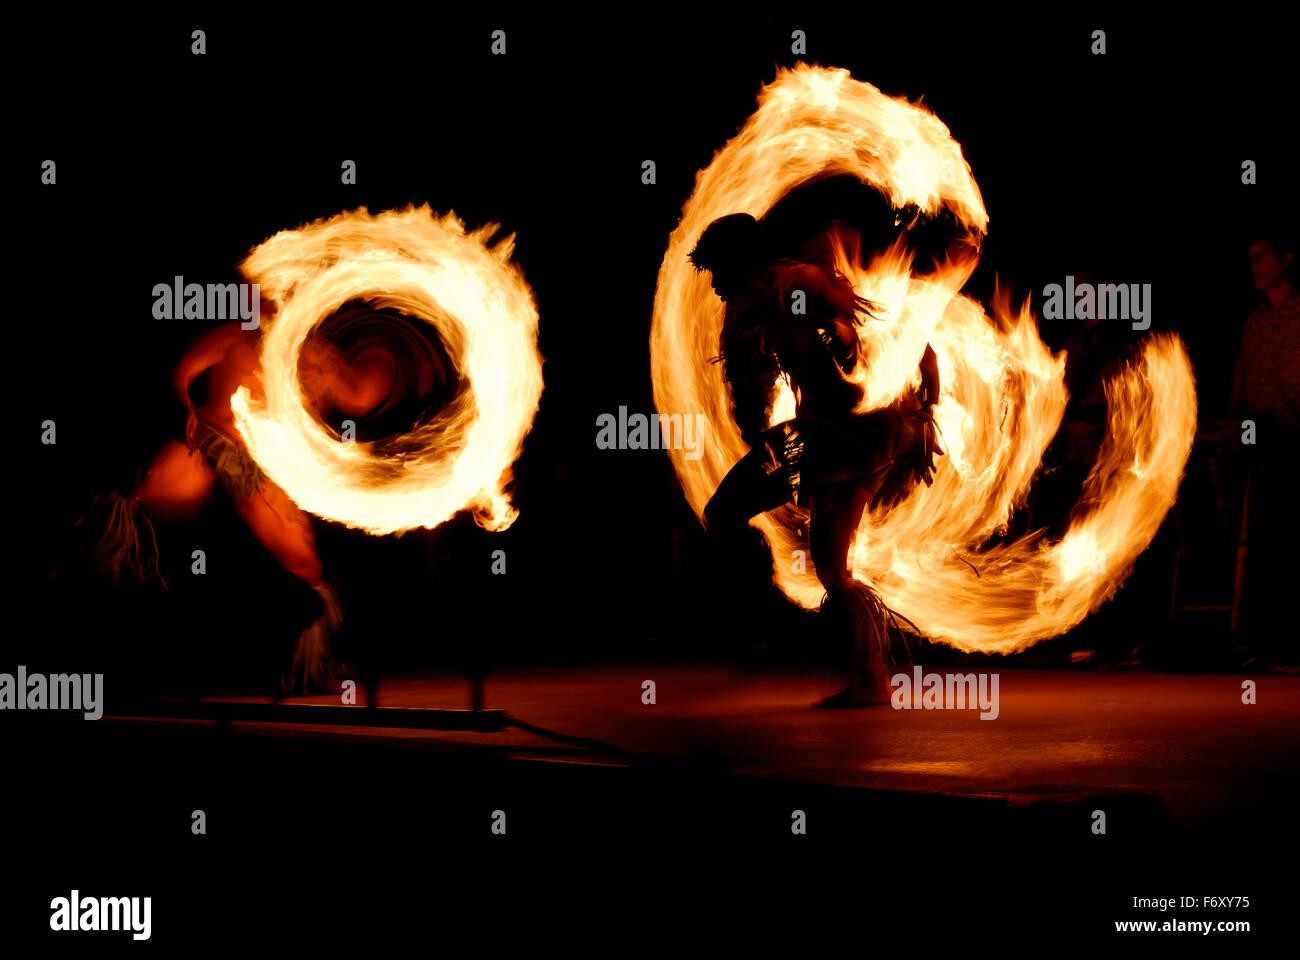 Coppia di concorrenti ballerini incendio filatura manganelli illuminata di notte dopo un luau Maui Hawaii Immagini Stock